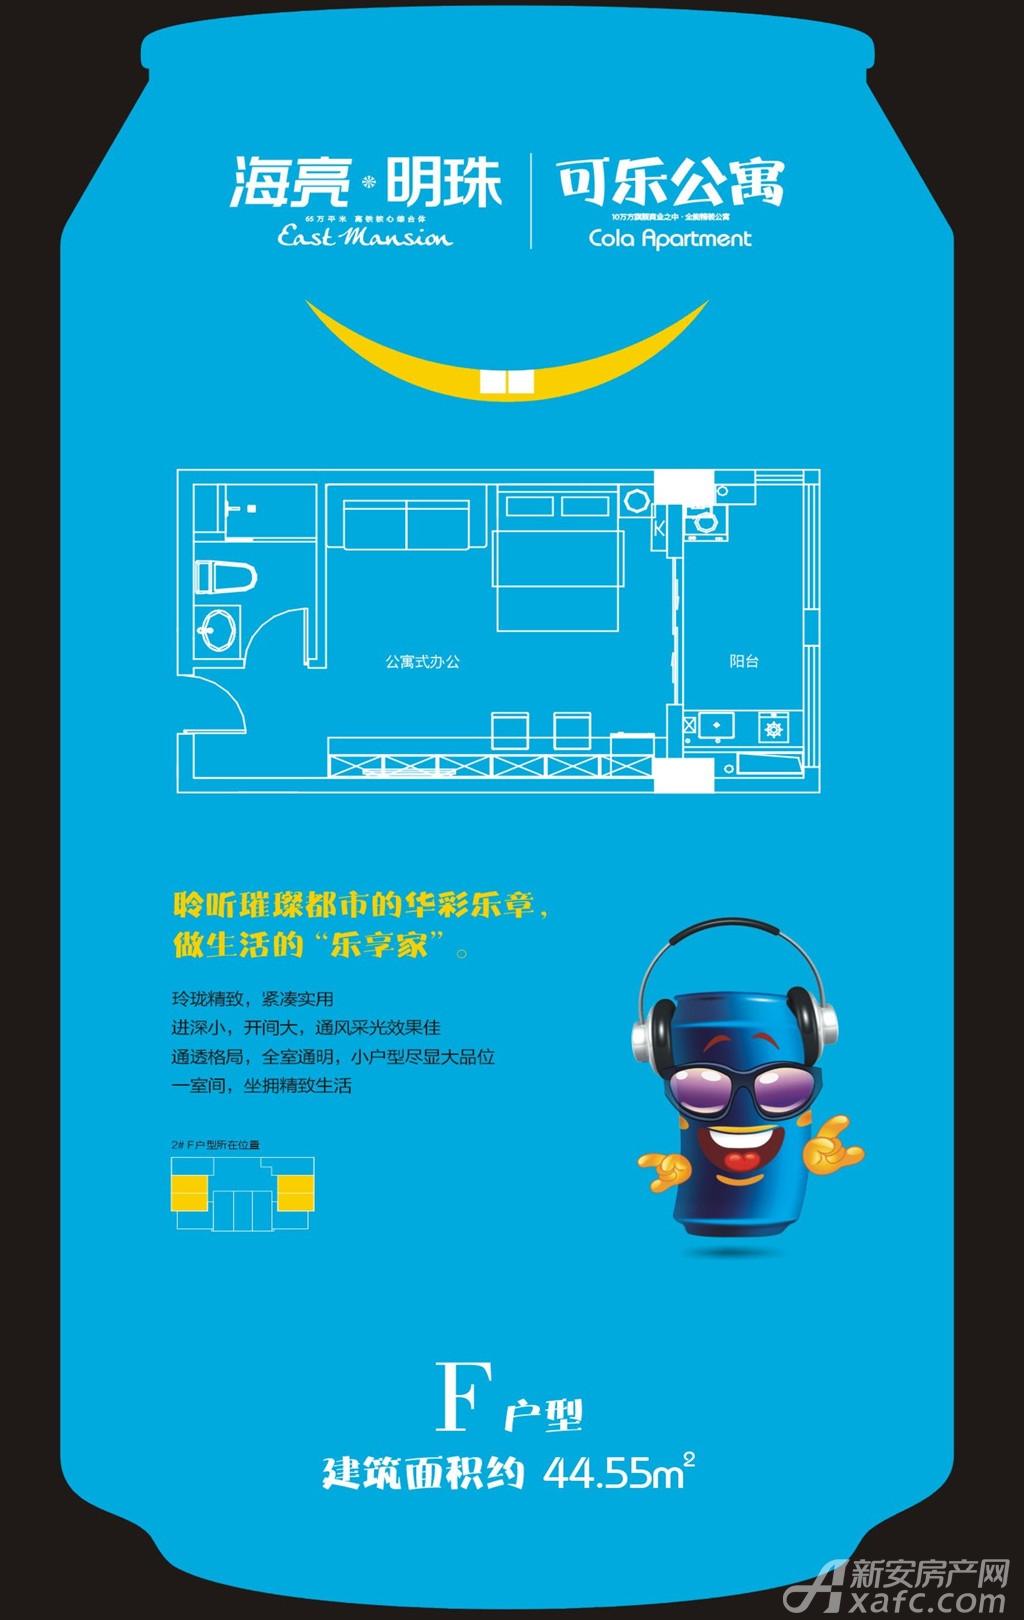 海亮明珠F(公寓)户型1室1厅44.55平米